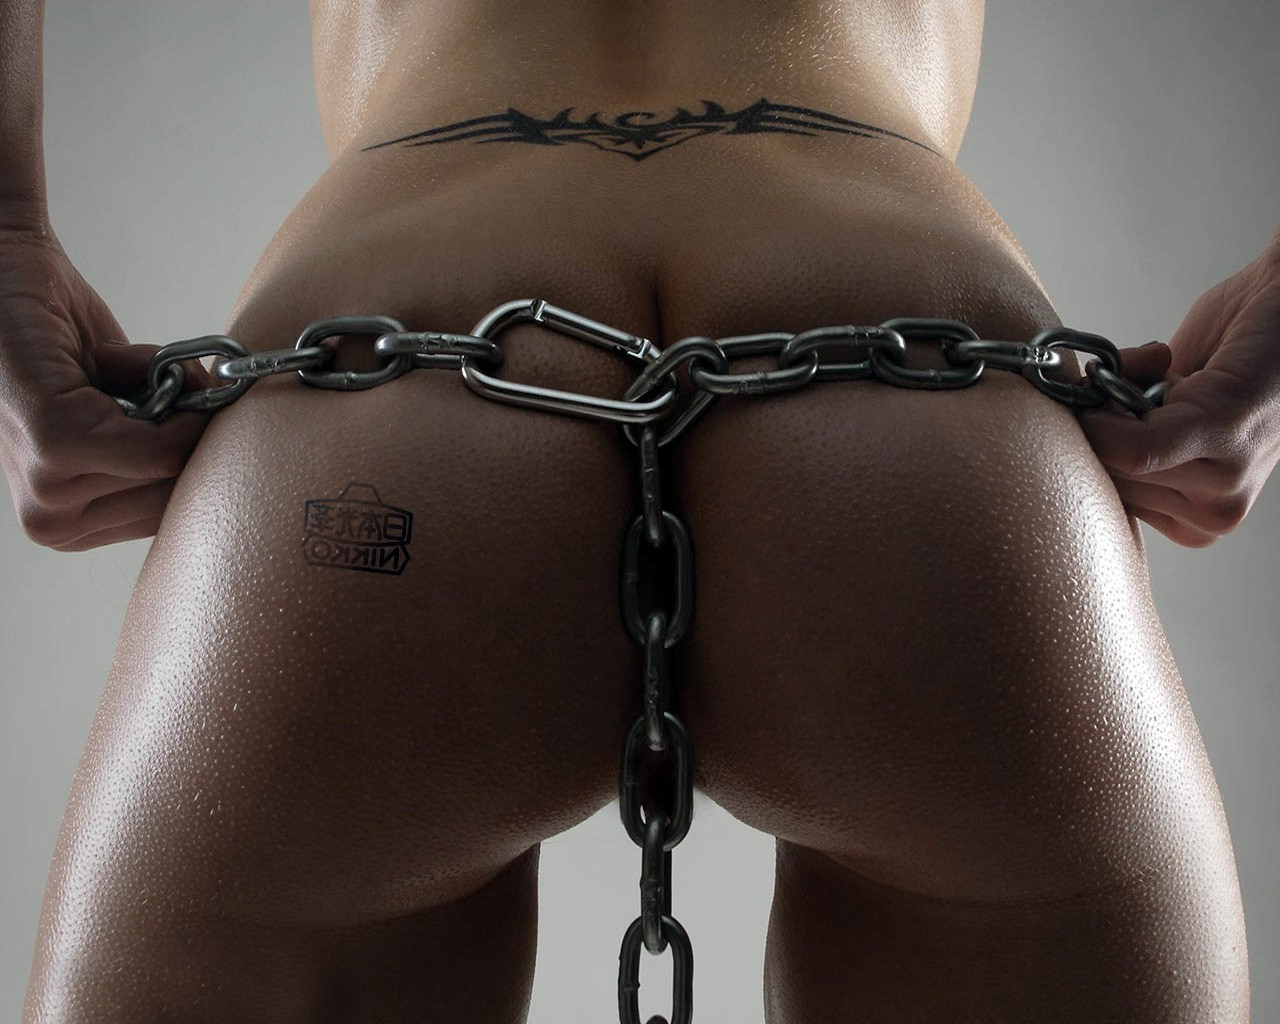 Сексуально оттопыренная попа фото 13 фотография